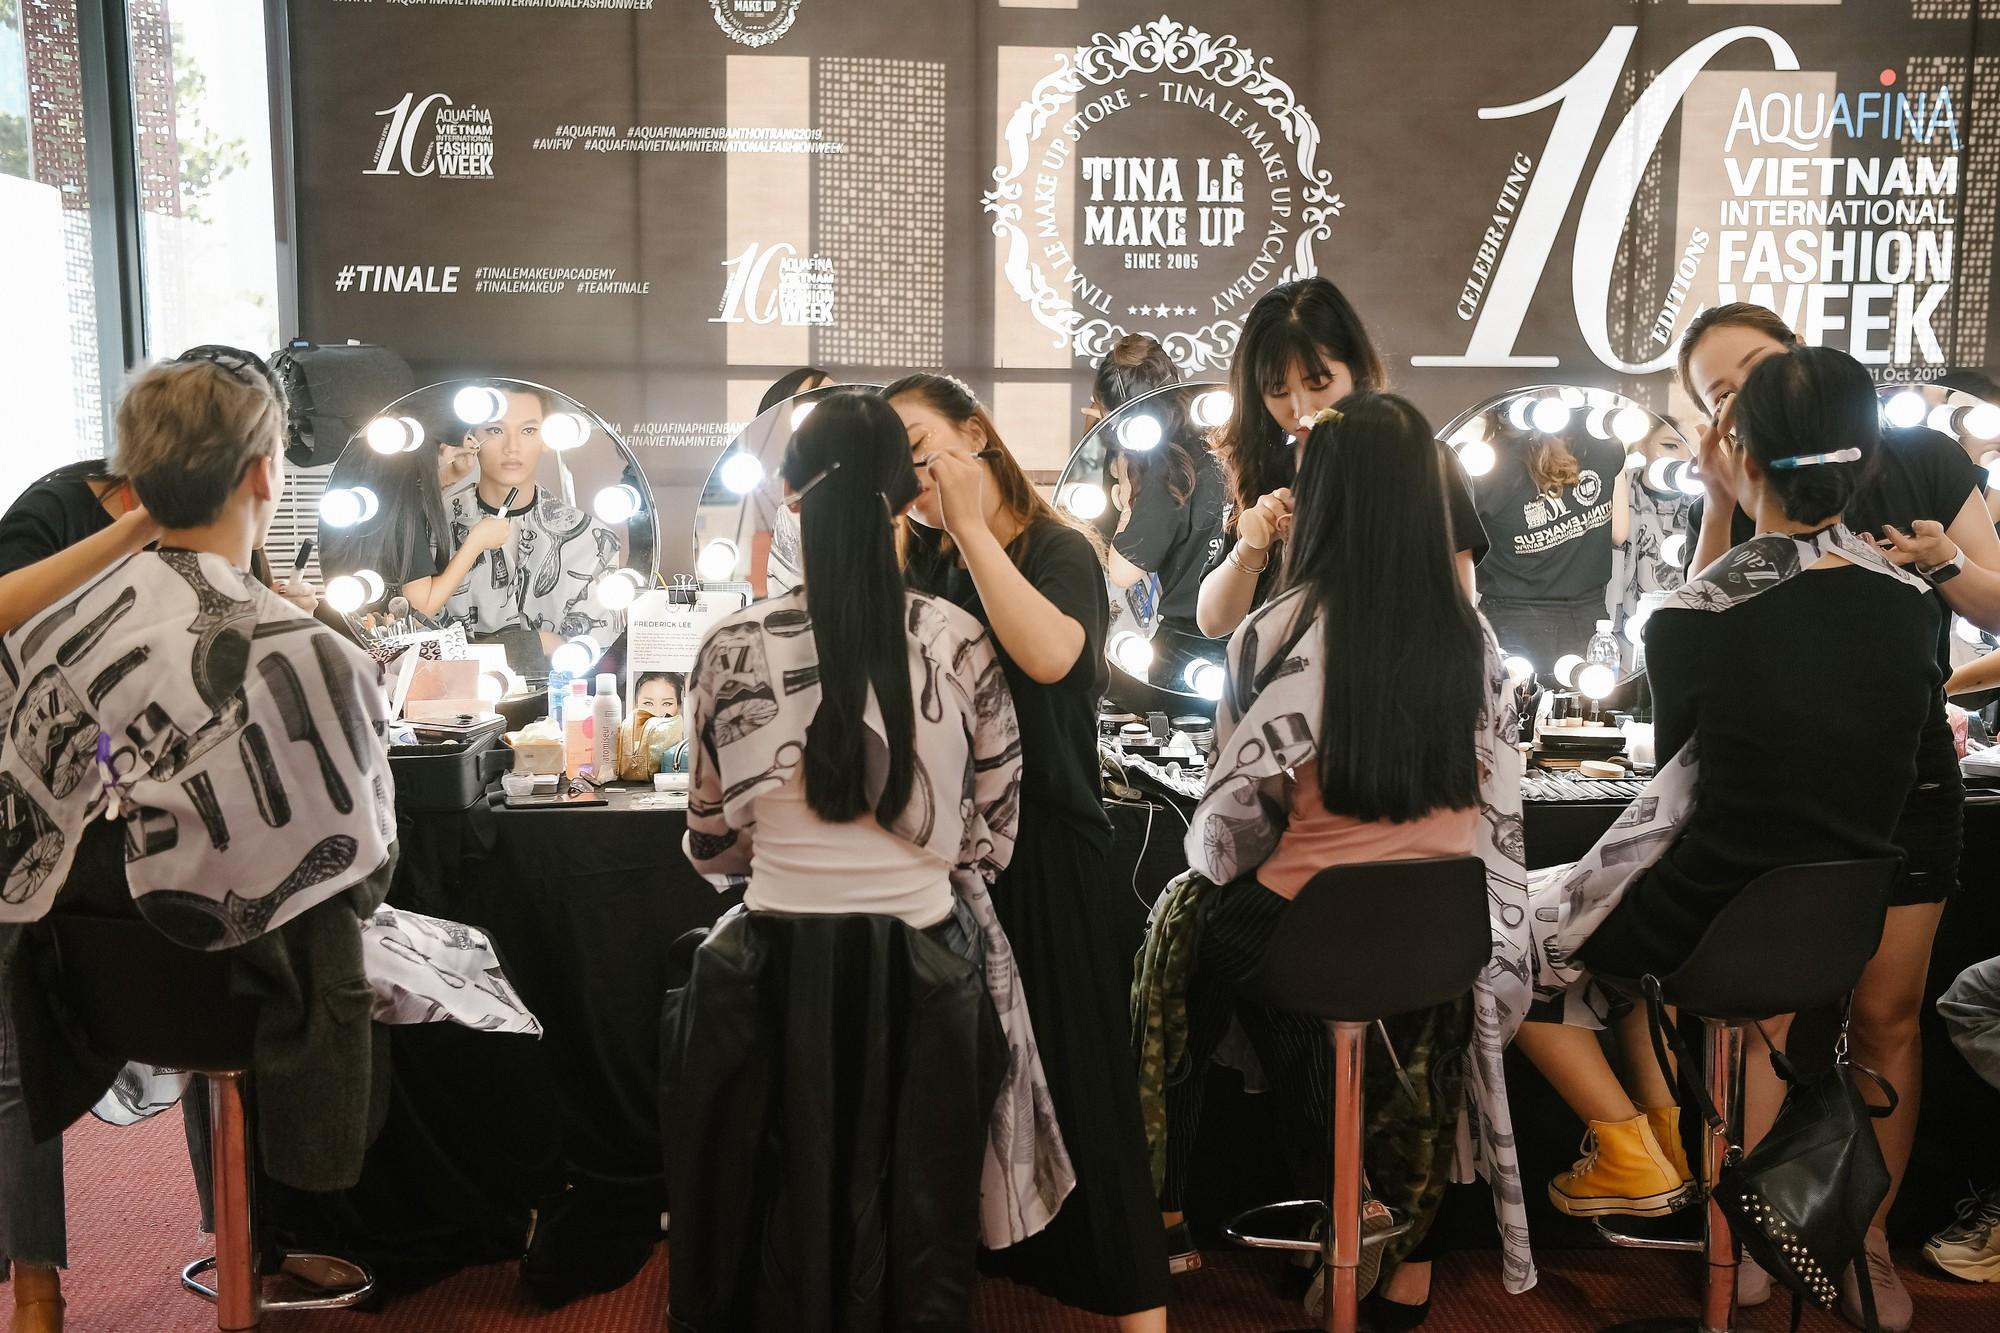 """""""Đột nhập"""" hậu trường Vietnam International Fashion Week VIFW: Không khí làm việc hăng say, chuyên nghiệp của team make up Tina Le - Ảnh 4."""